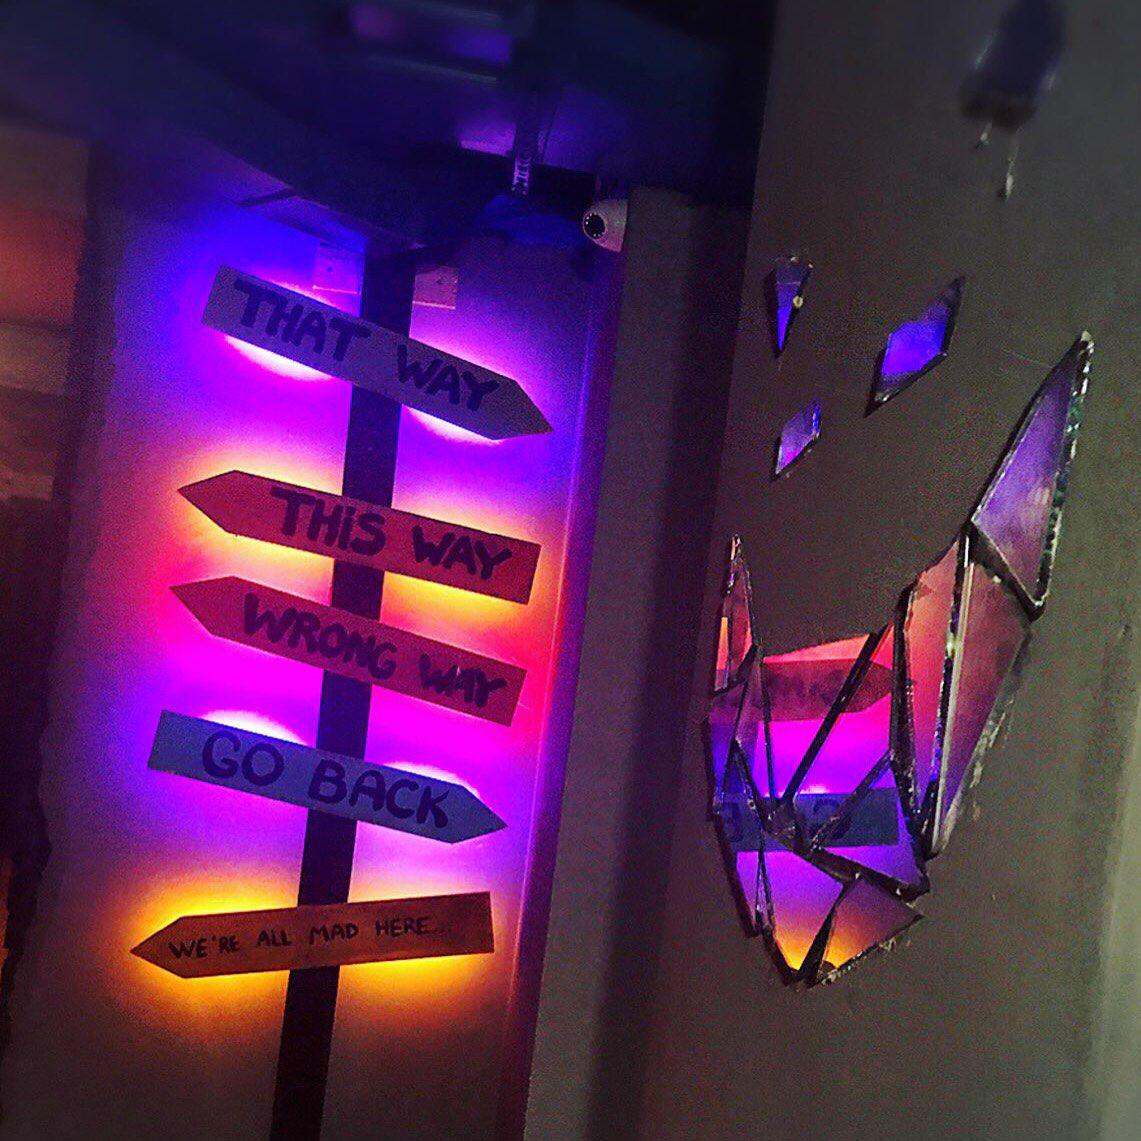 SMOKELAND BAR - это лучшая кальянная в центре Киева, кальян бар киев,киев кальян,кальян киев, где покурить кальян киев, кальянные киева,кальян бар в центре киева,кальян недорого киев, акции на кальян в киеве